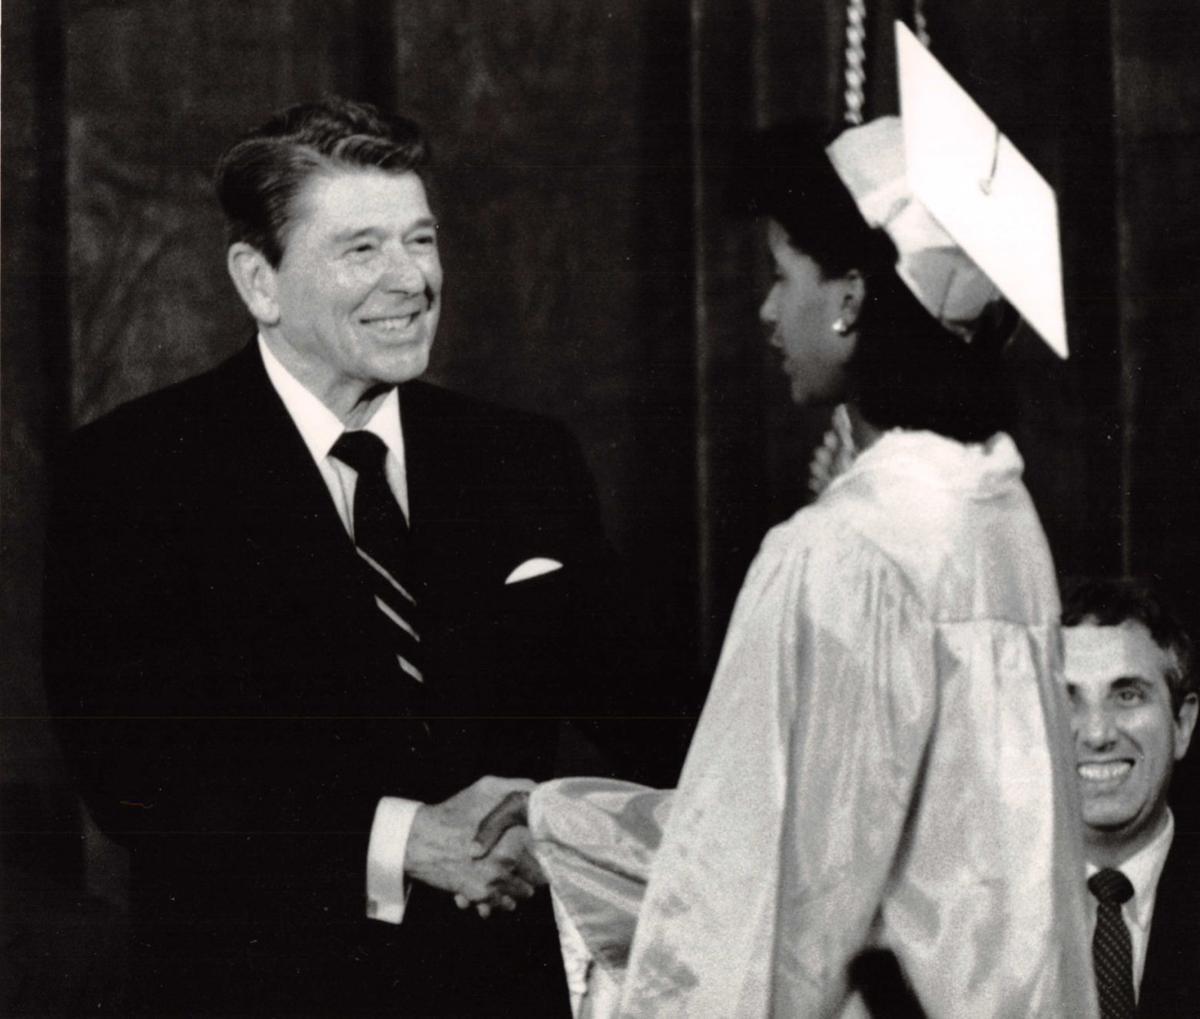 Reagan at Glassboro